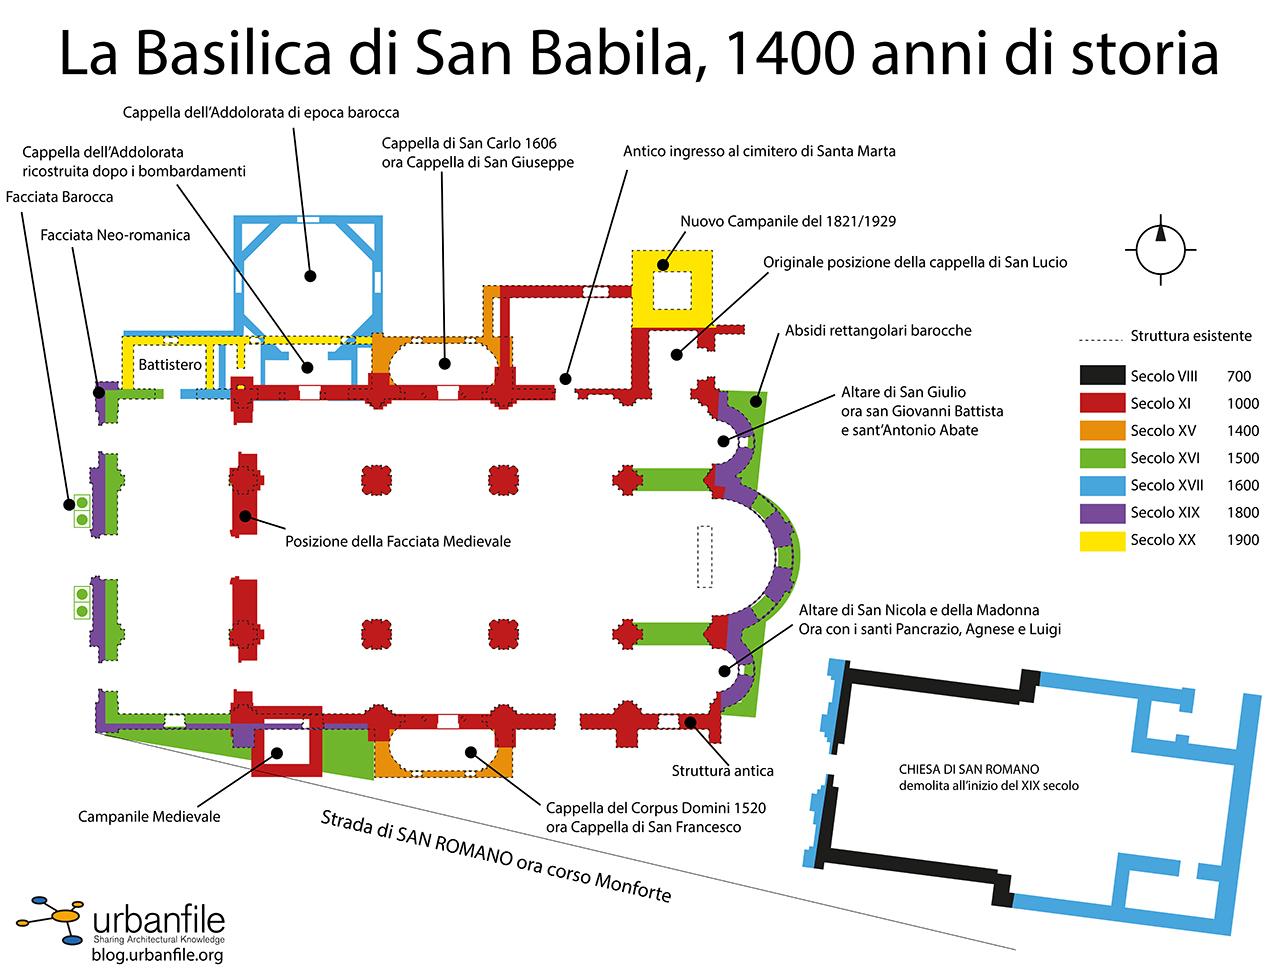 Milano zona san babila storia di una chiesa millenaria troppo modificata urbanfile blog - Elementi architettonici di una chiesa ...